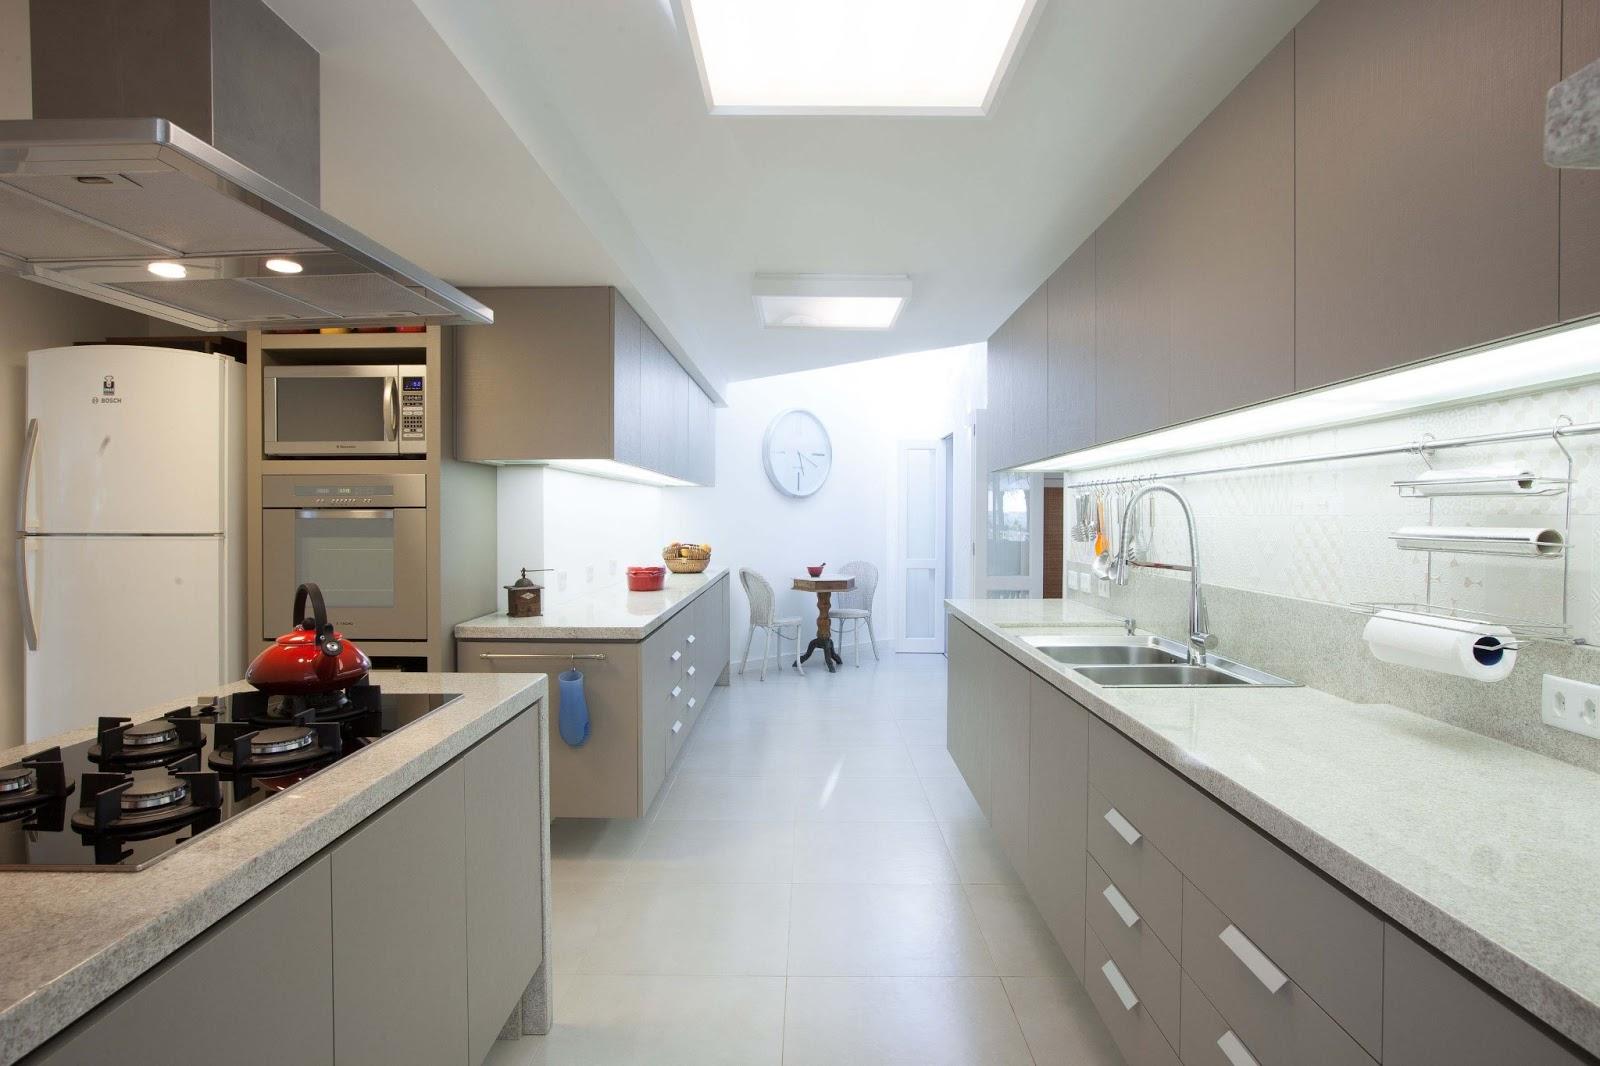 Projeto de reforma de cozinha lavabo e mobiliário para dormitório  #604B3F 1600 1066